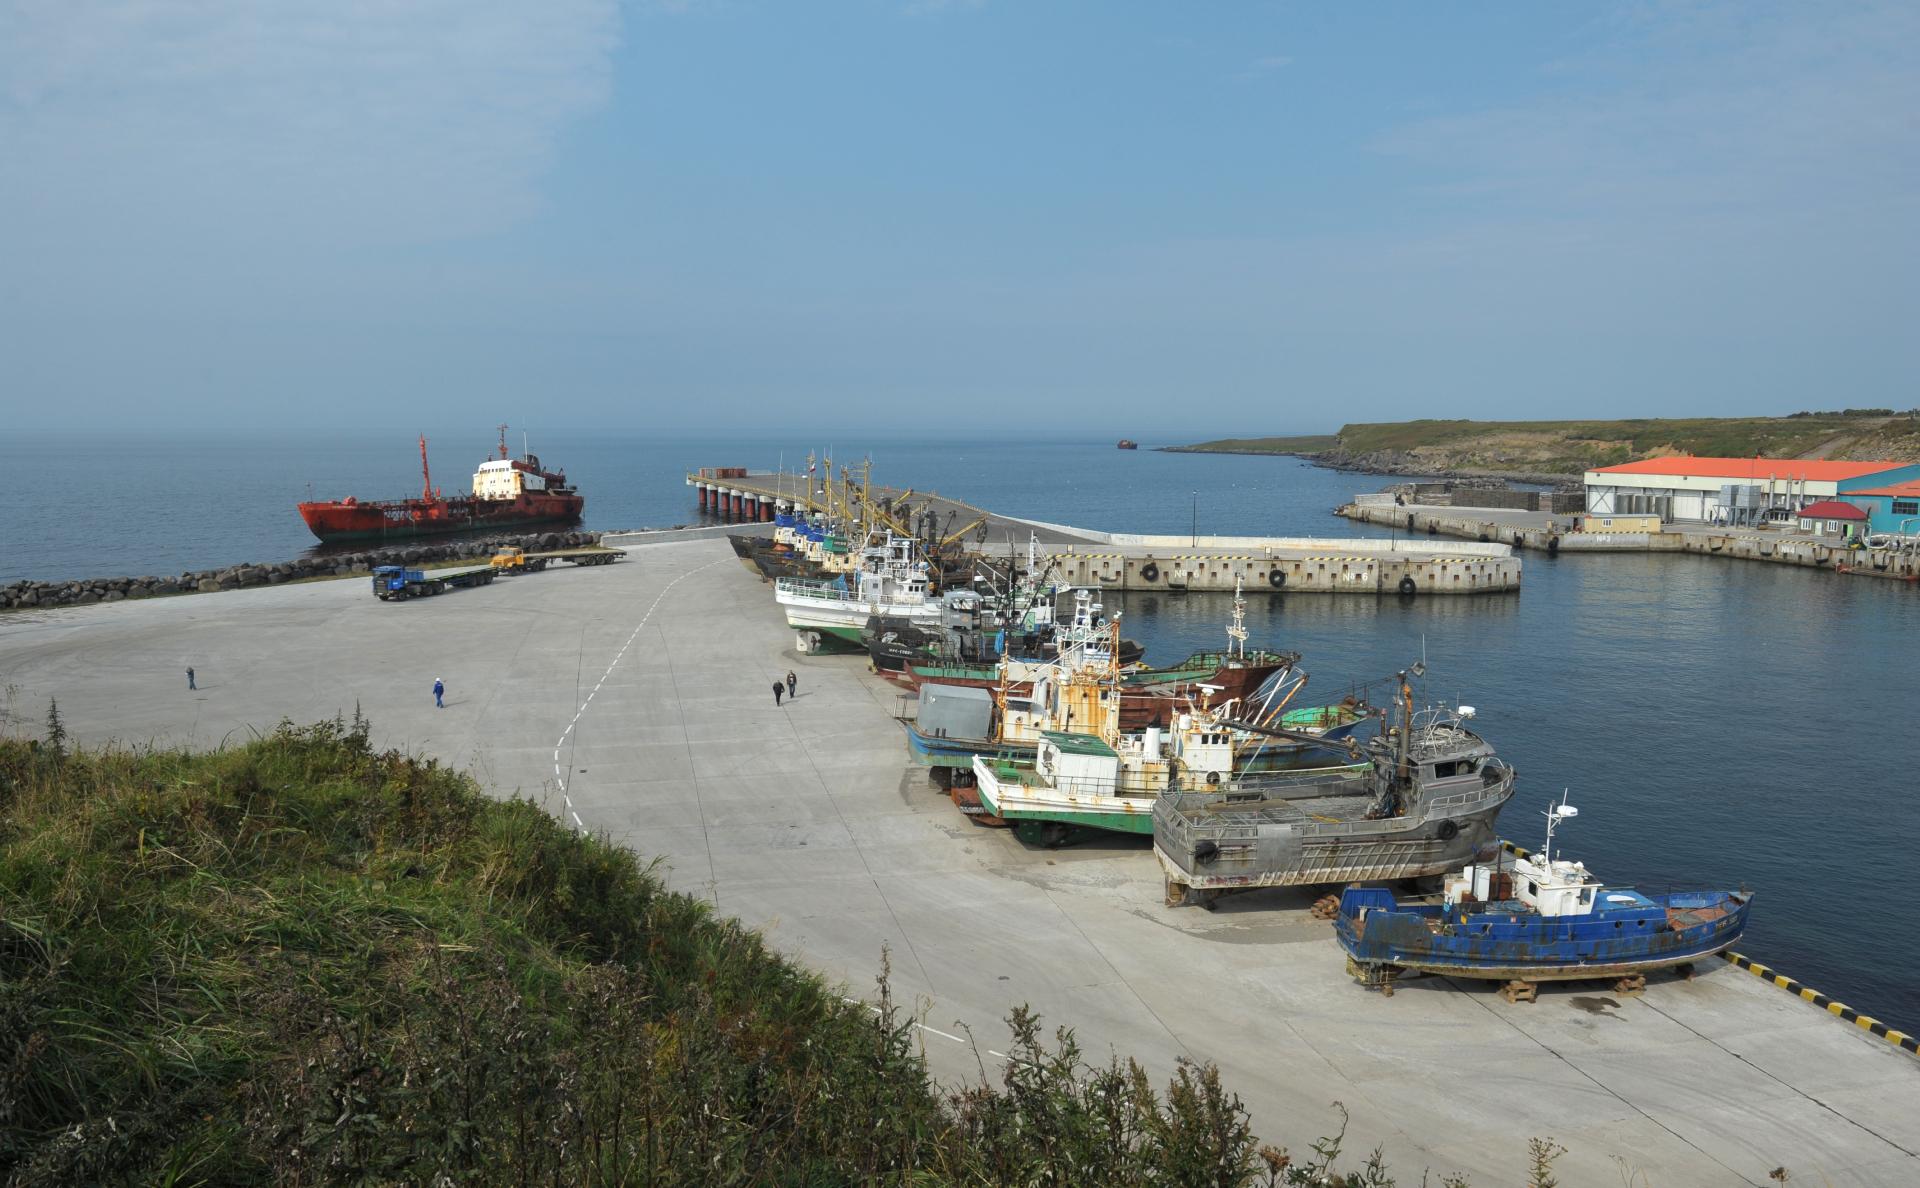 Грузопассажирский причал в заливе Китовый на острове Итуруп